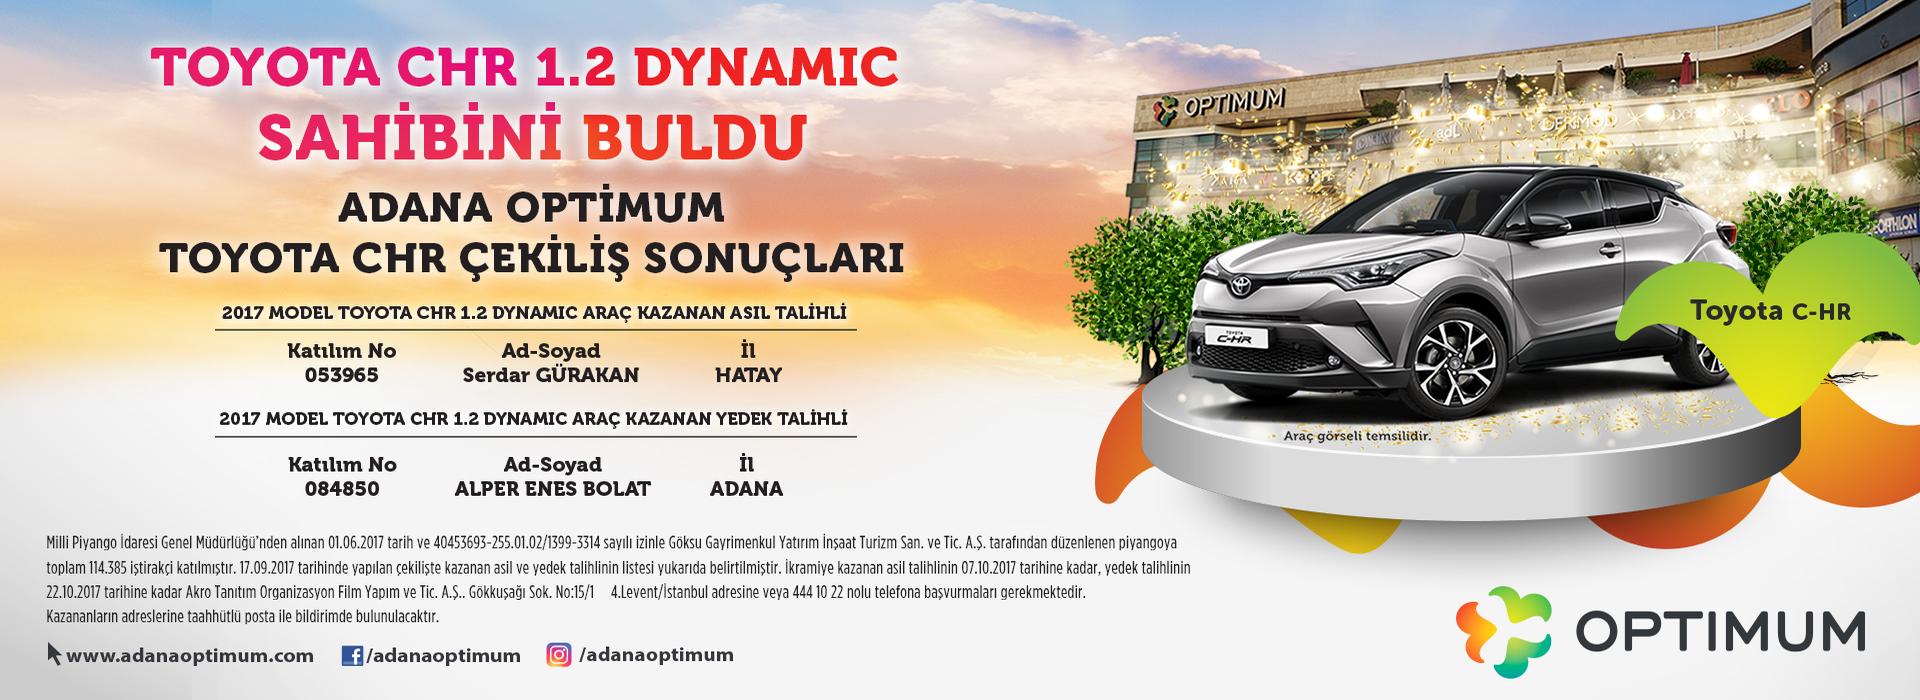 Toyota CHR Sahibini Buldu